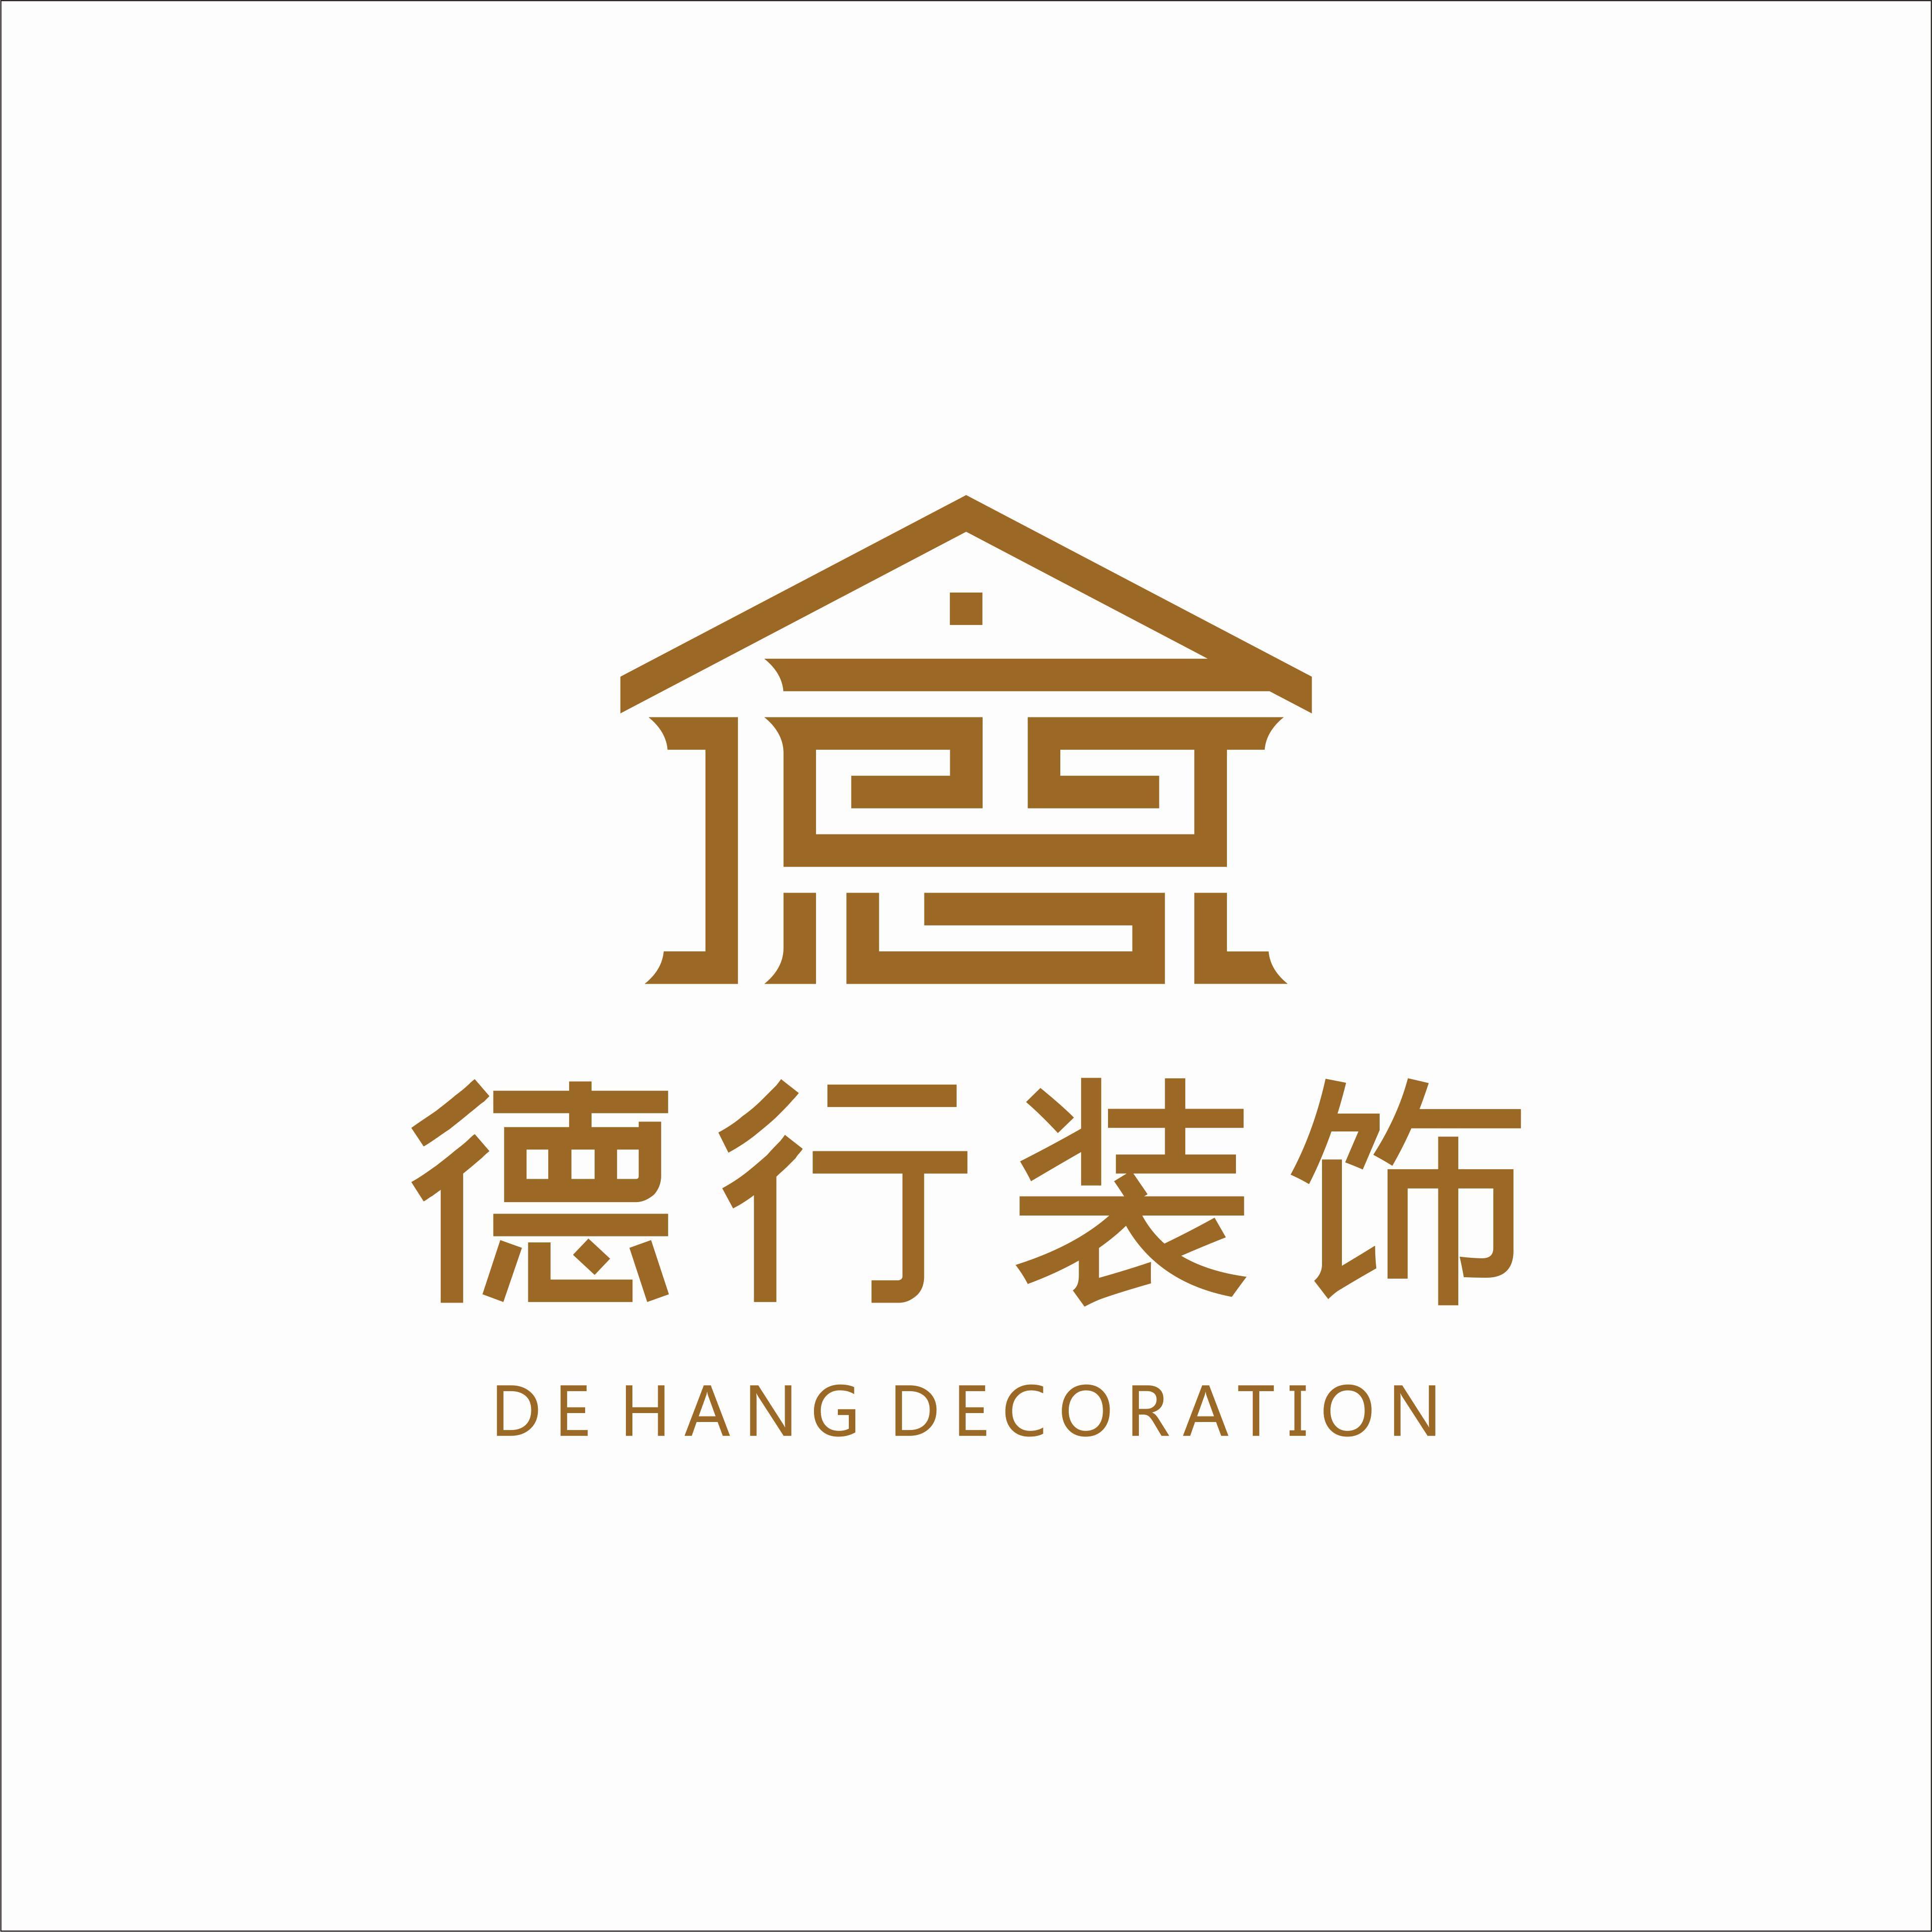 广州德行装饰设计工程有限公司